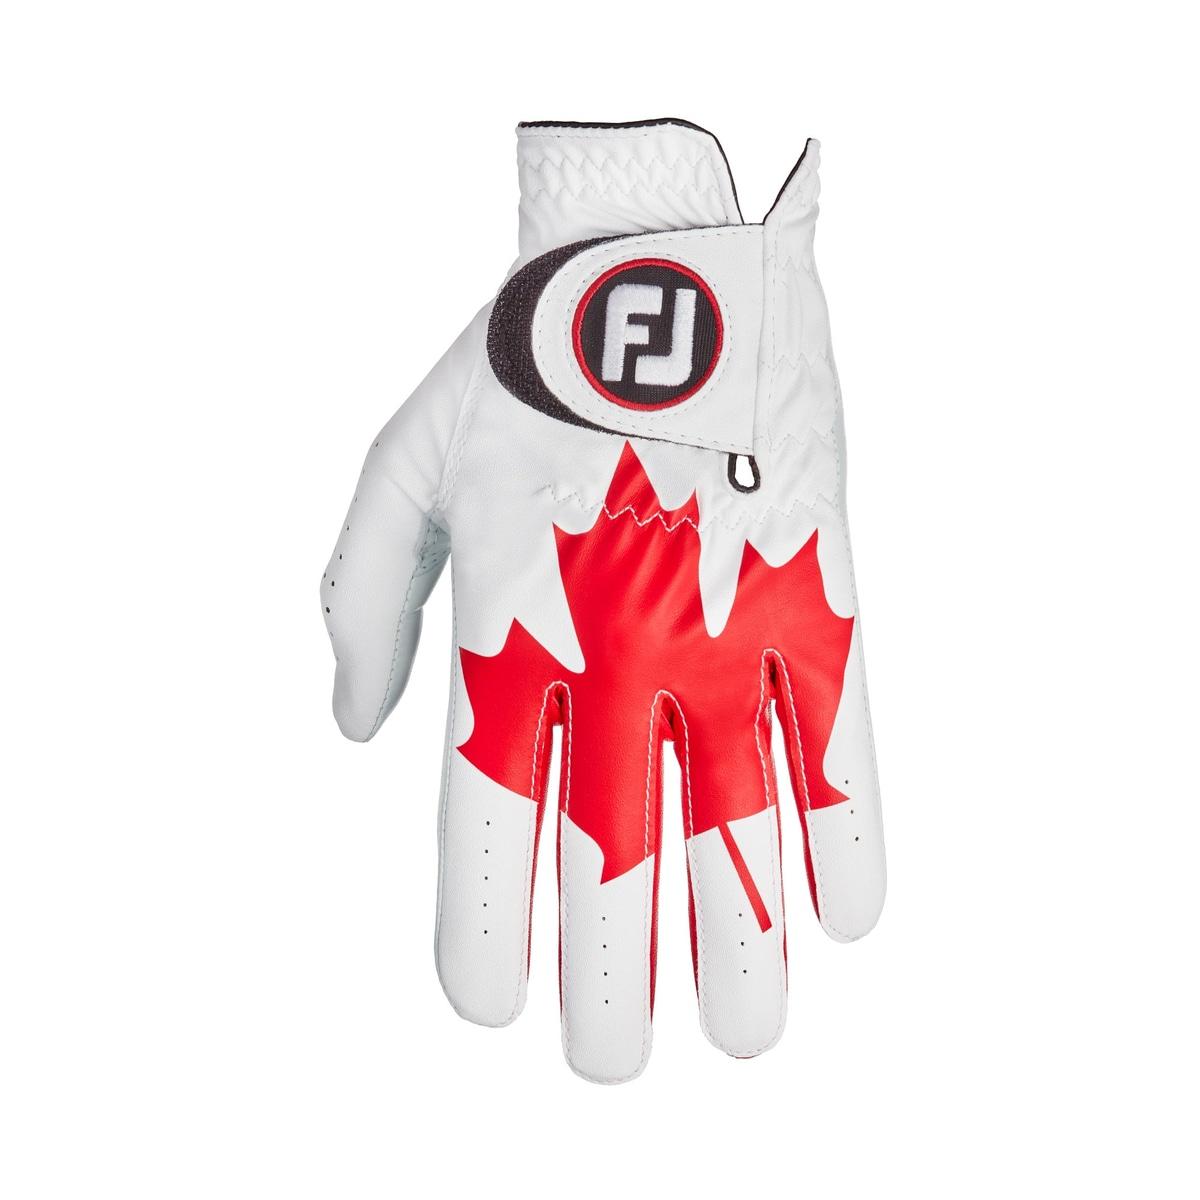 FJ Spectrum Canada Women